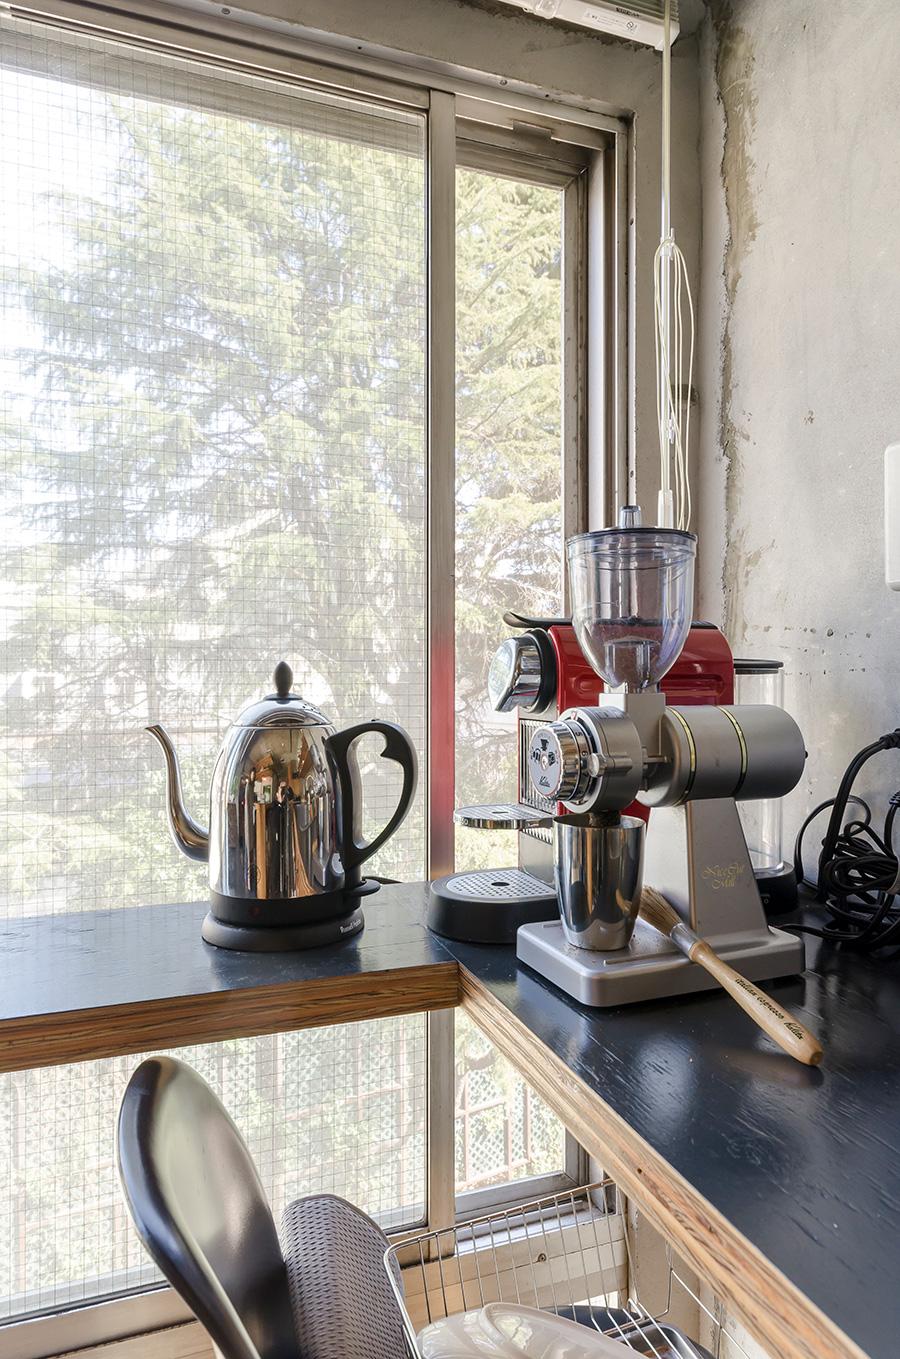 朝はコーヒー豆を挽くところからスタート。